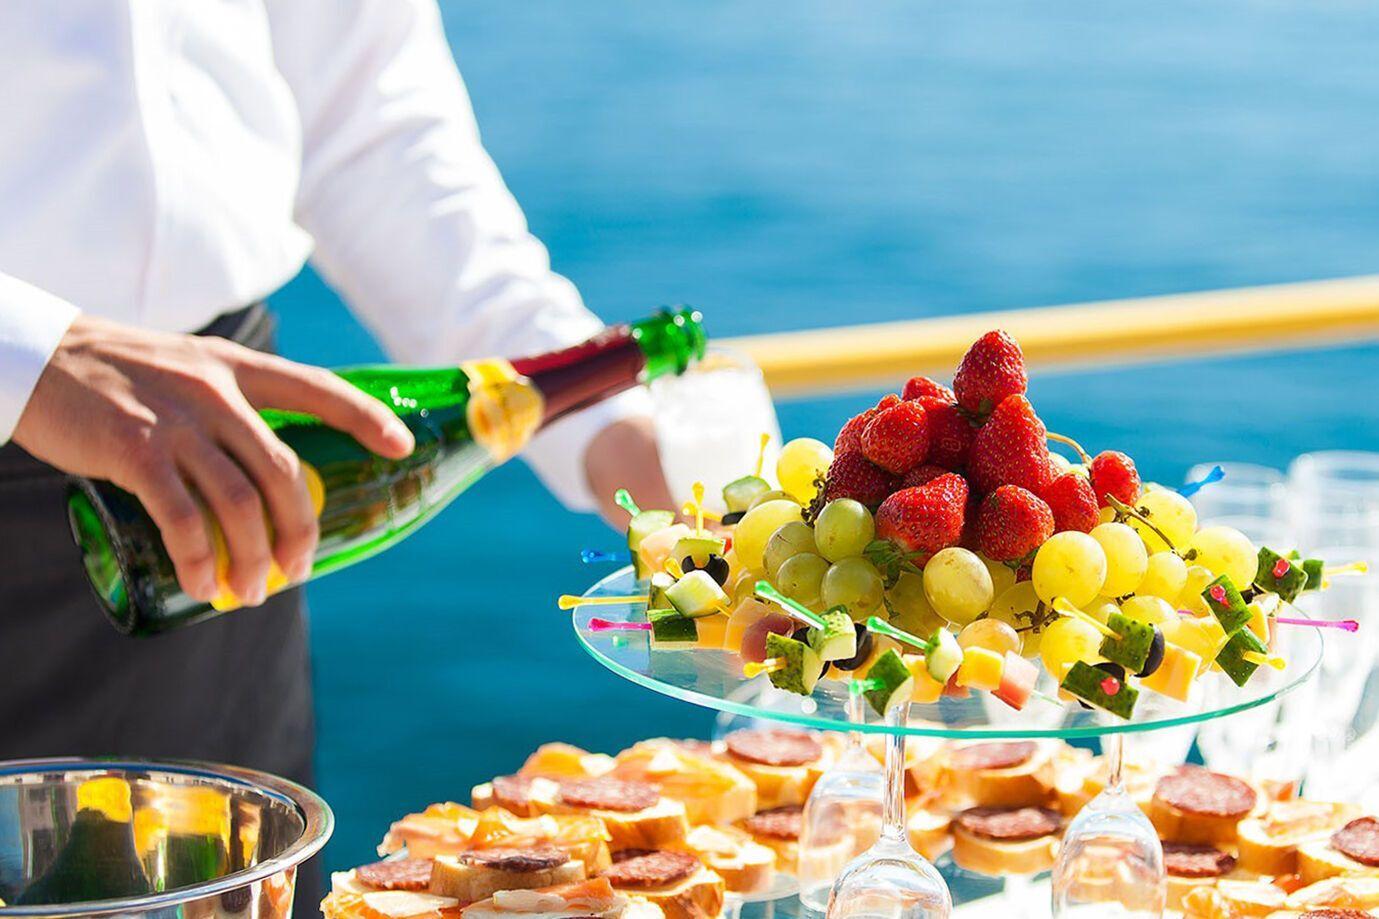 Безопаснее всего в сезон есть фрукты и овощи